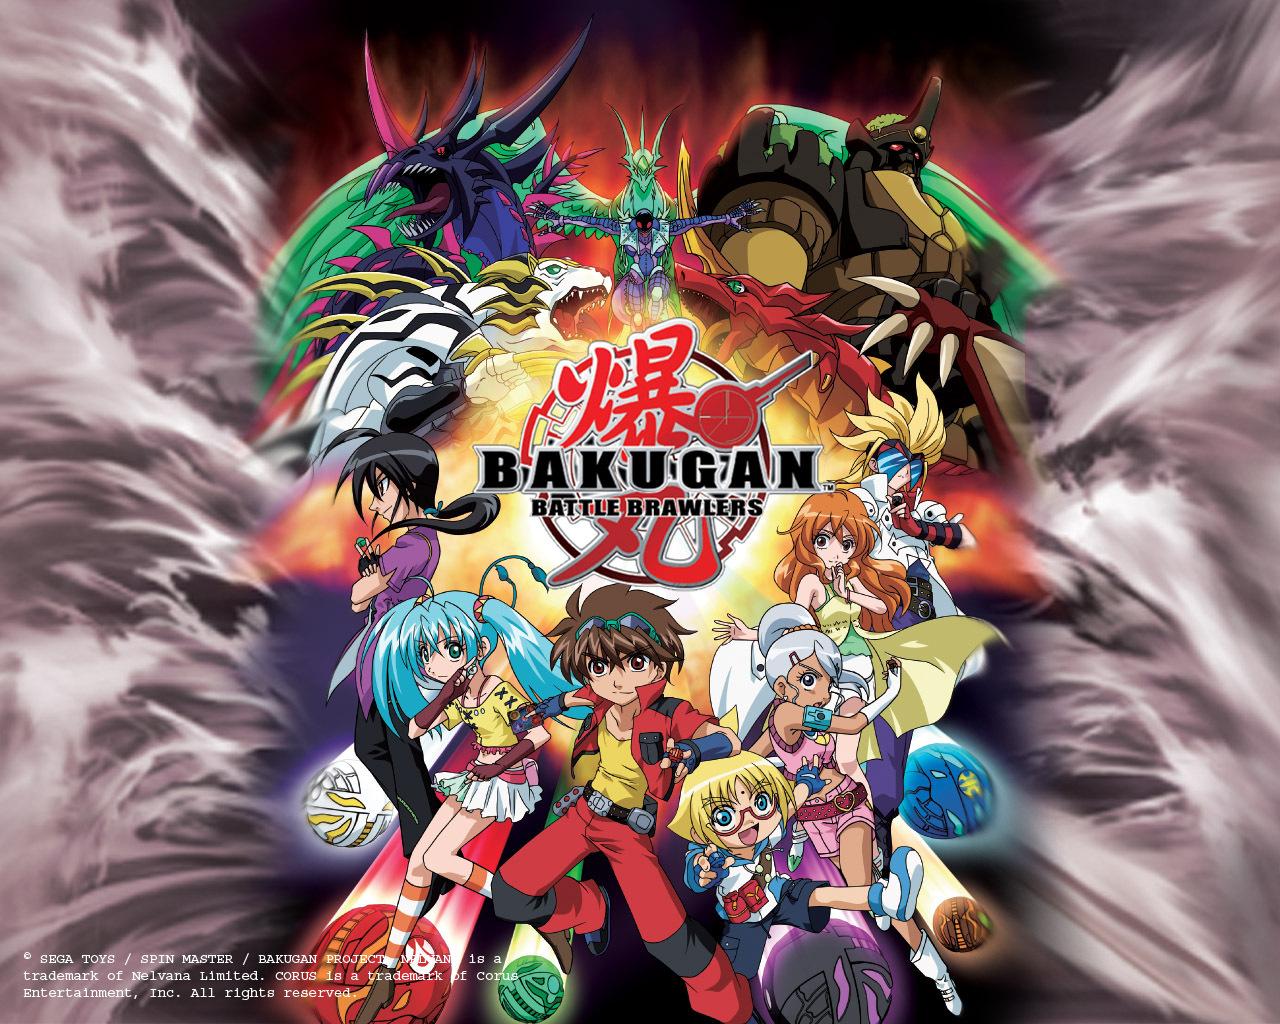 http://2.bp.blogspot.com/_4HW7Fsr0RU0/TM-HXHcsttI/AAAAAAAAAF0/-H-L6i-ycwY/s1600/wallpaper-bakugan-personagens.jpg